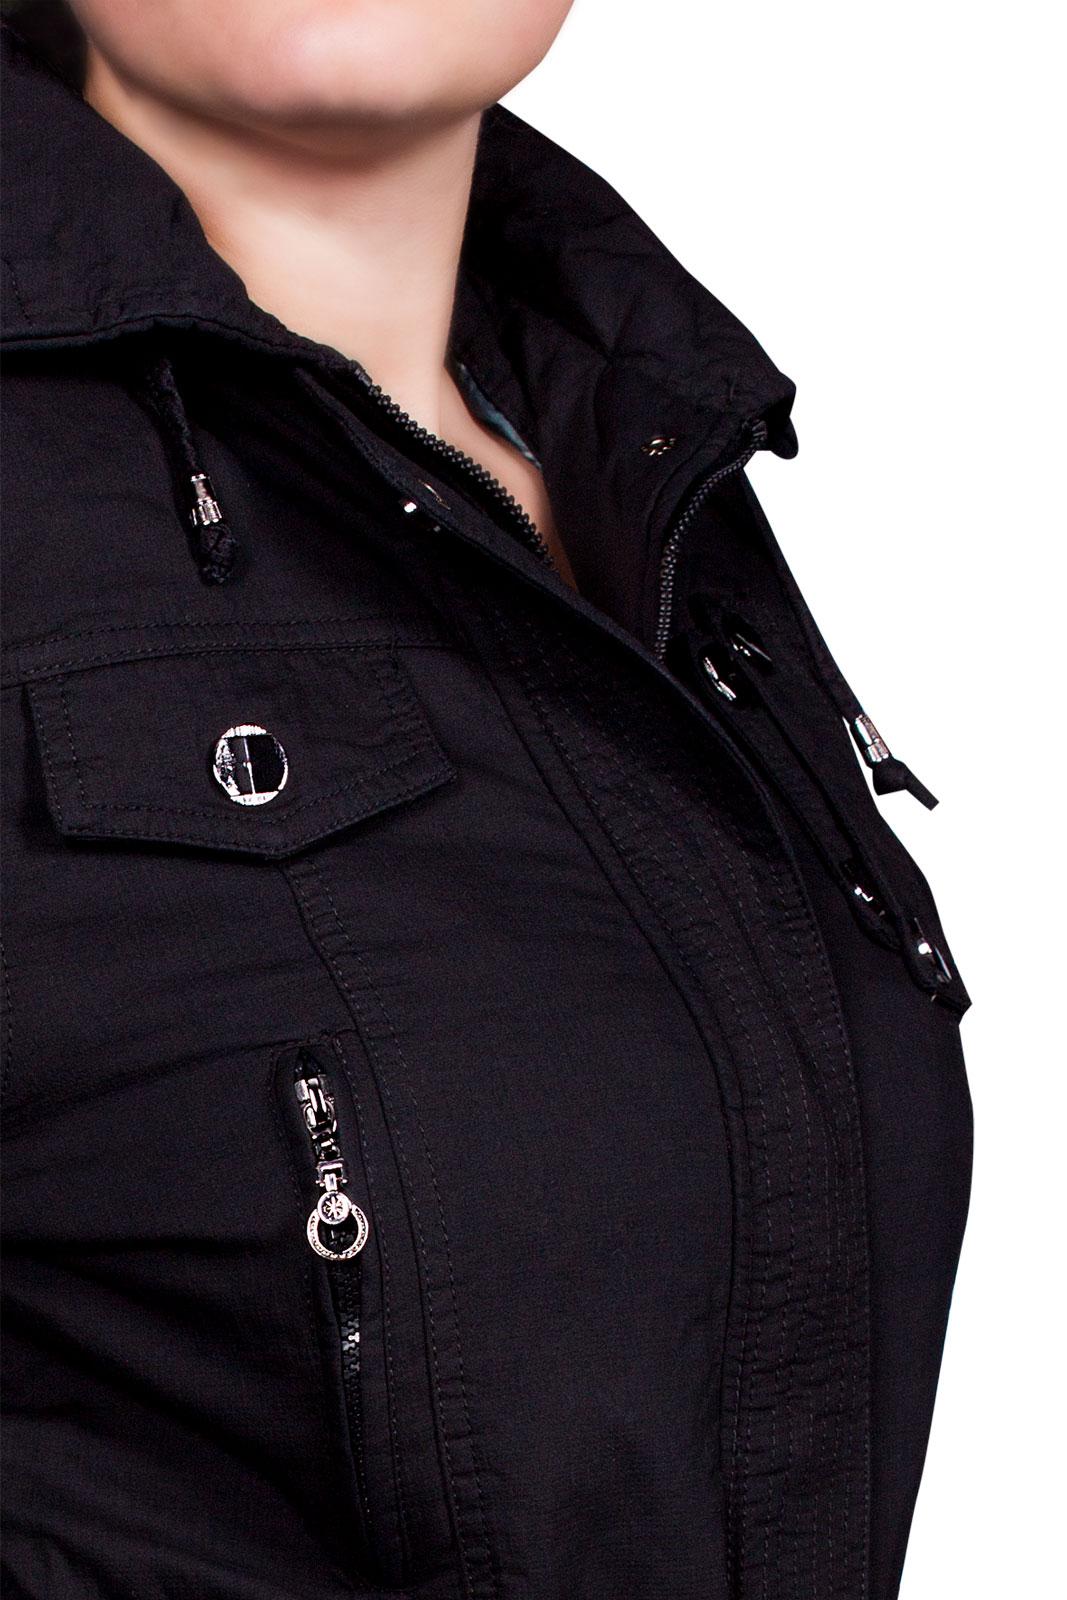 designer damen wintermantel warm jacke lang cotton mantel. Black Bedroom Furniture Sets. Home Design Ideas